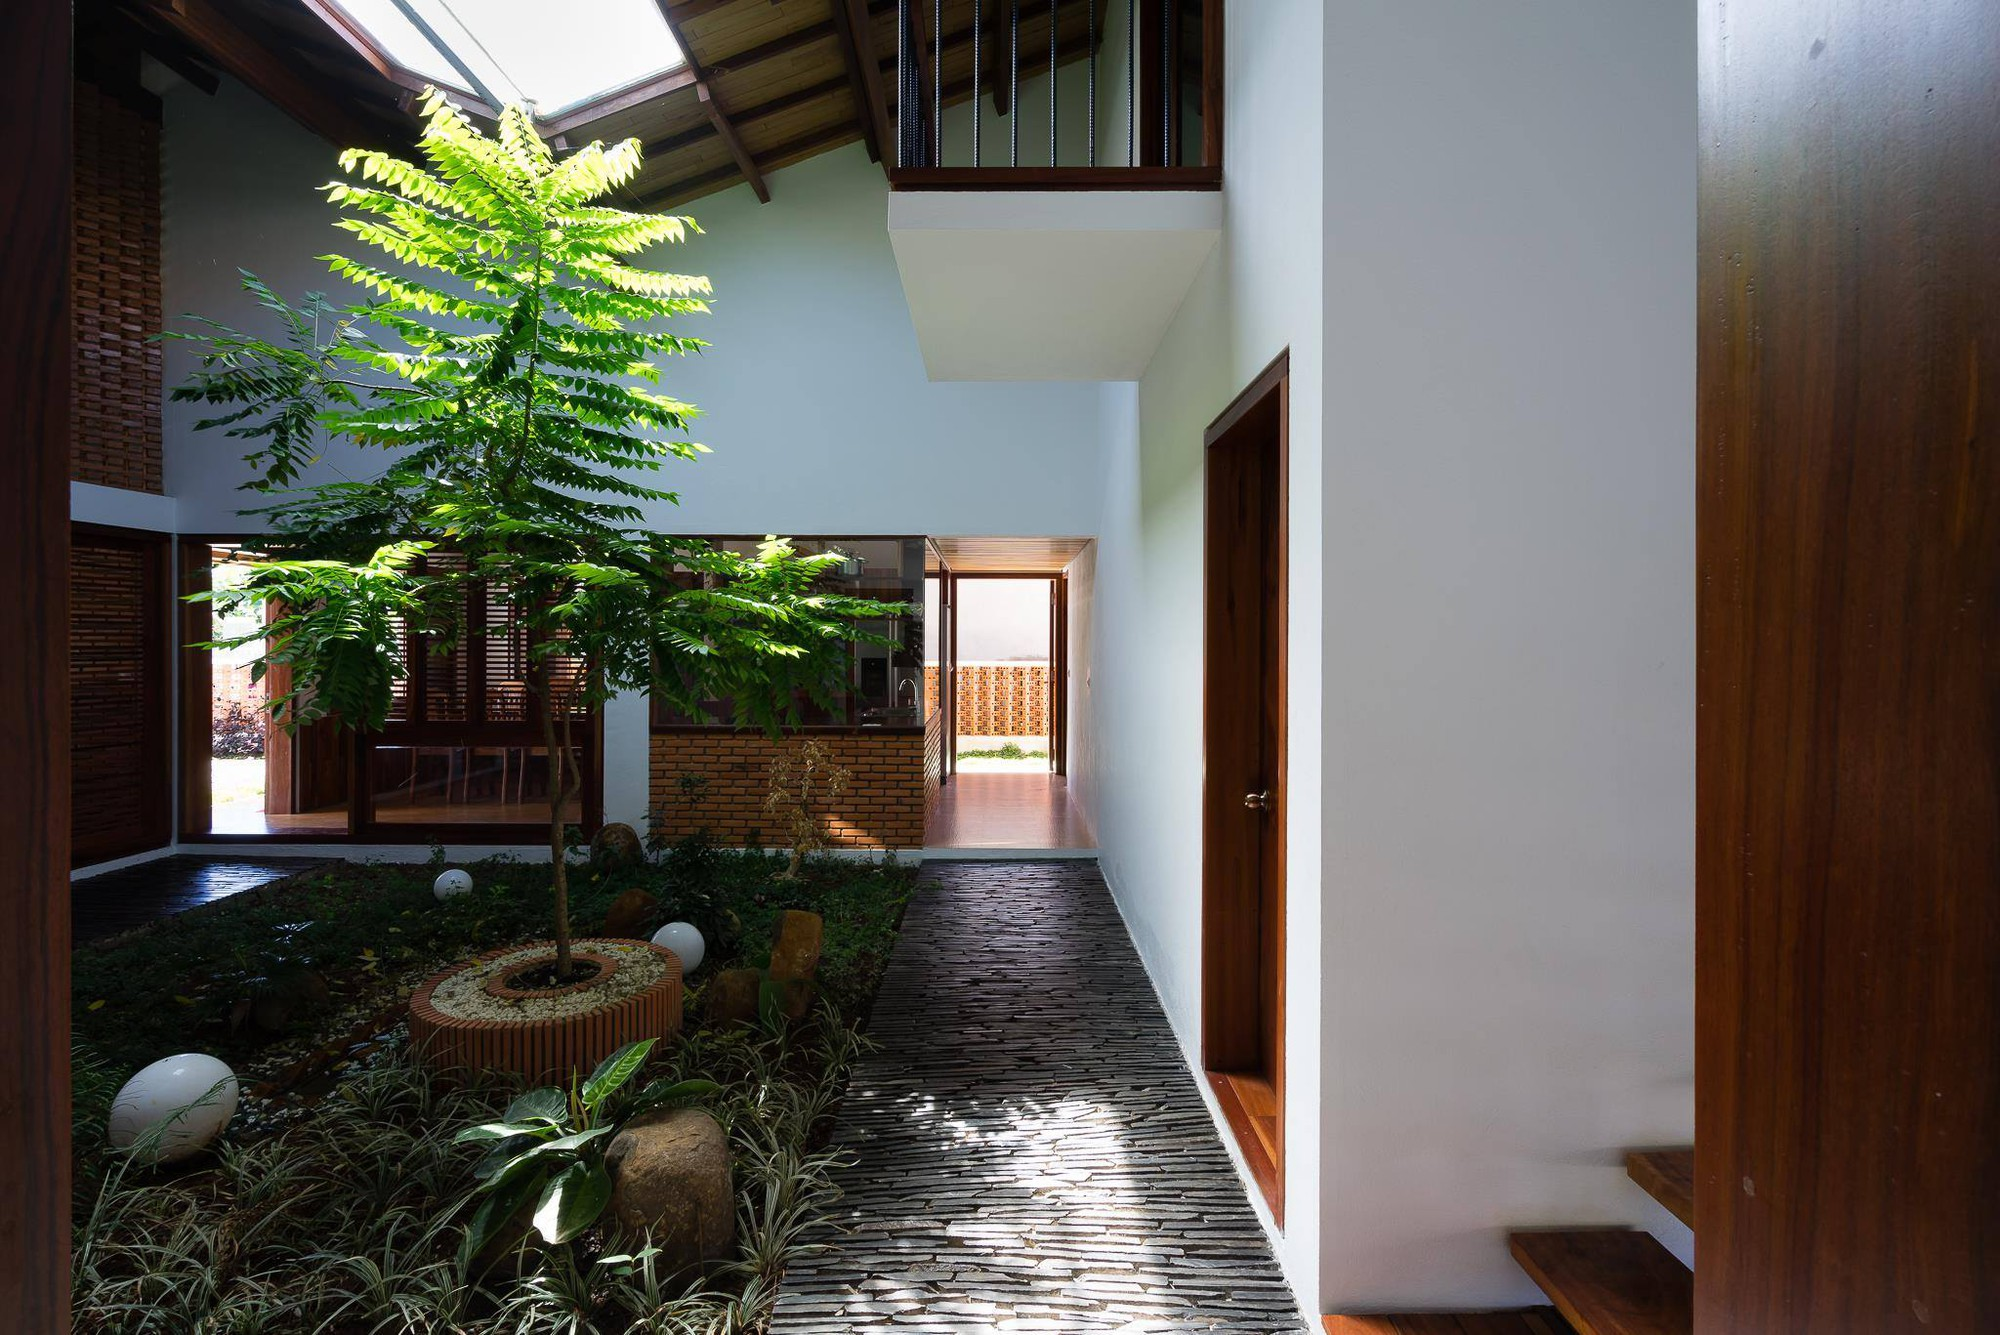 nha-dep-19-1531708744889494141655 Ngôi nhà mái ngói cấp 4 đẹp như resort khiến nhiều người ước mơ ở Lâm Đồng